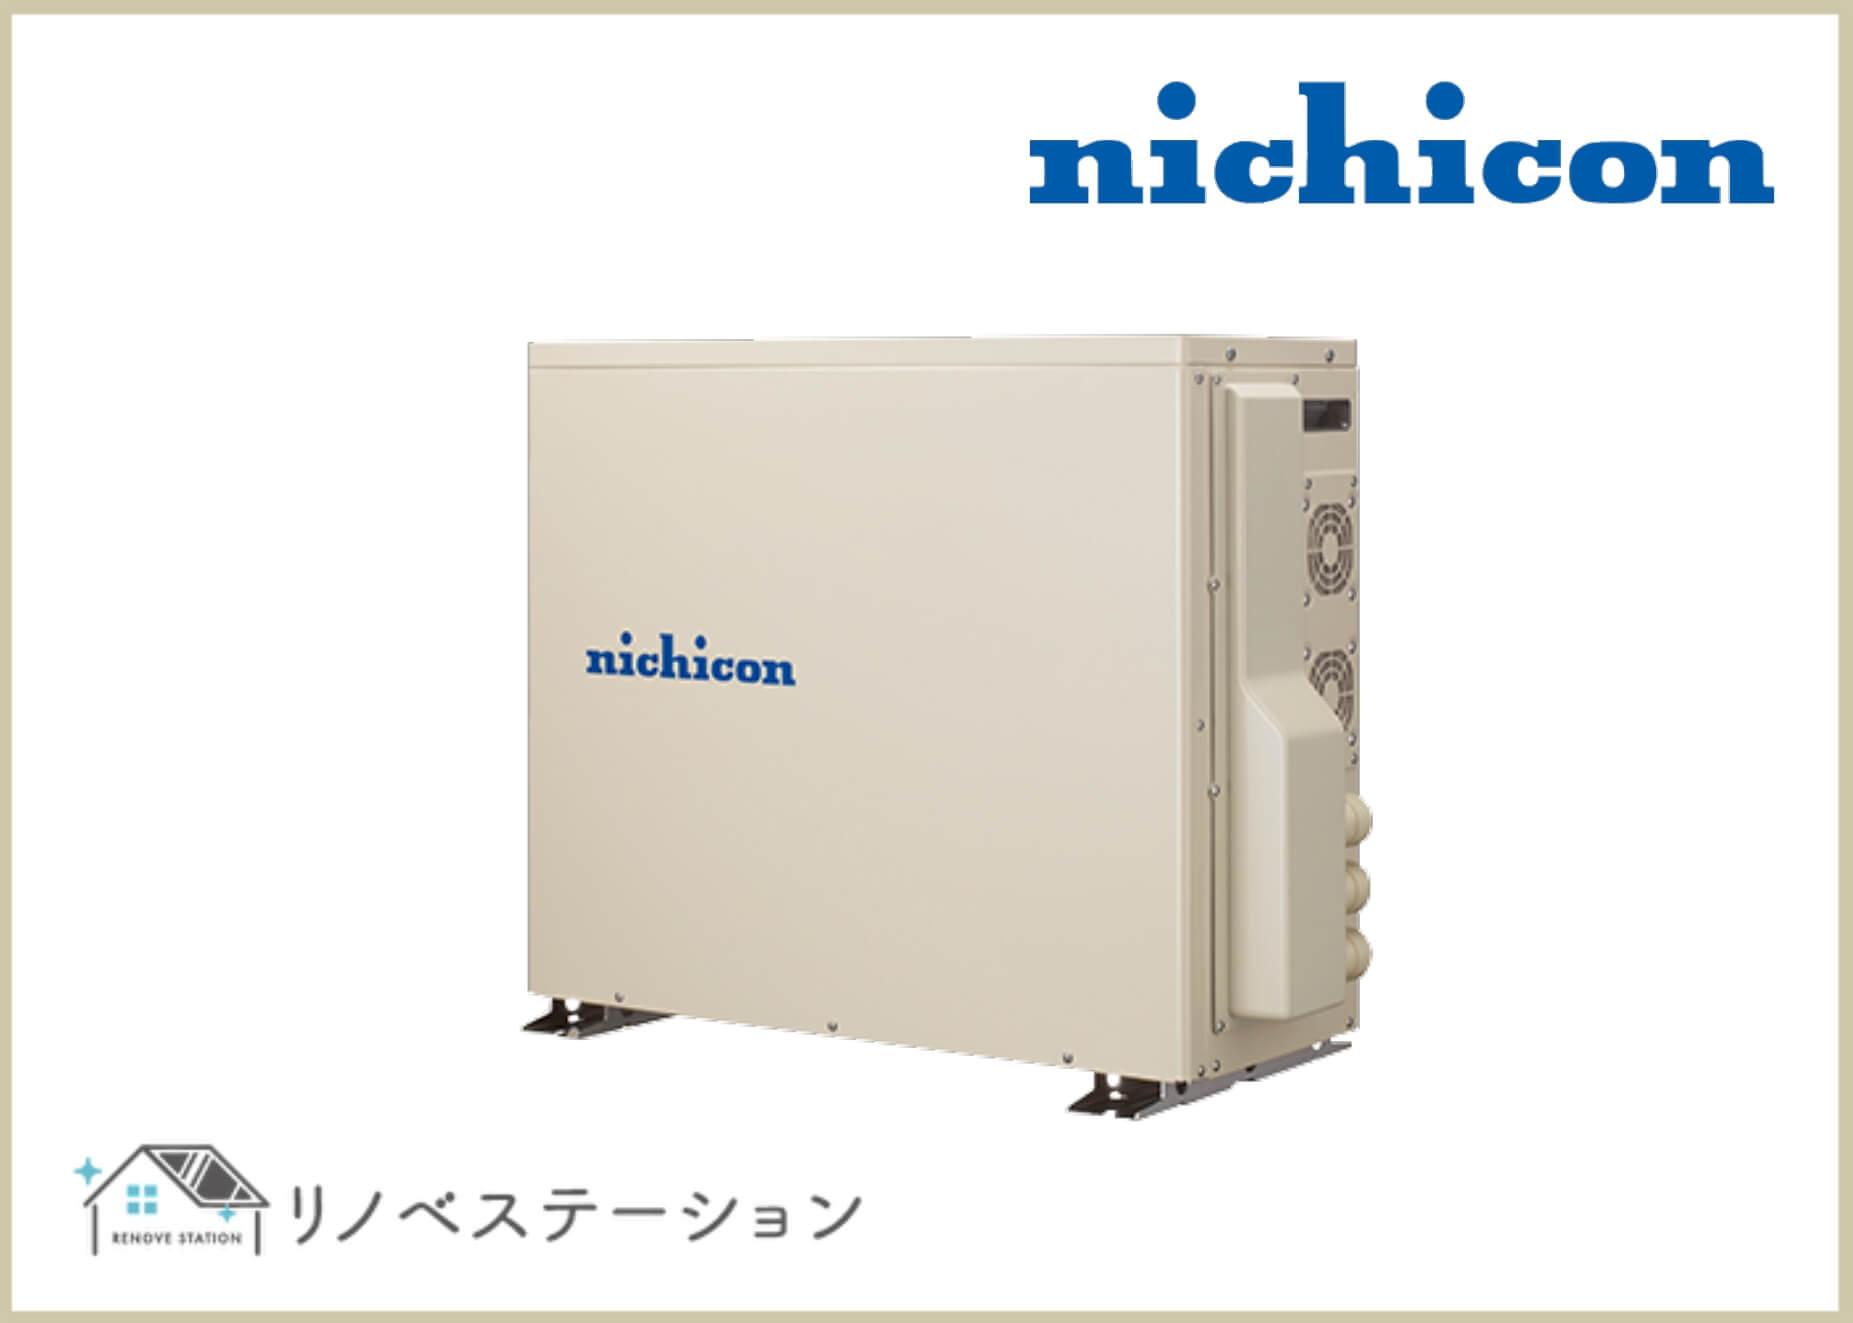 ニチコン ESS-U3S1※塩害仕様有